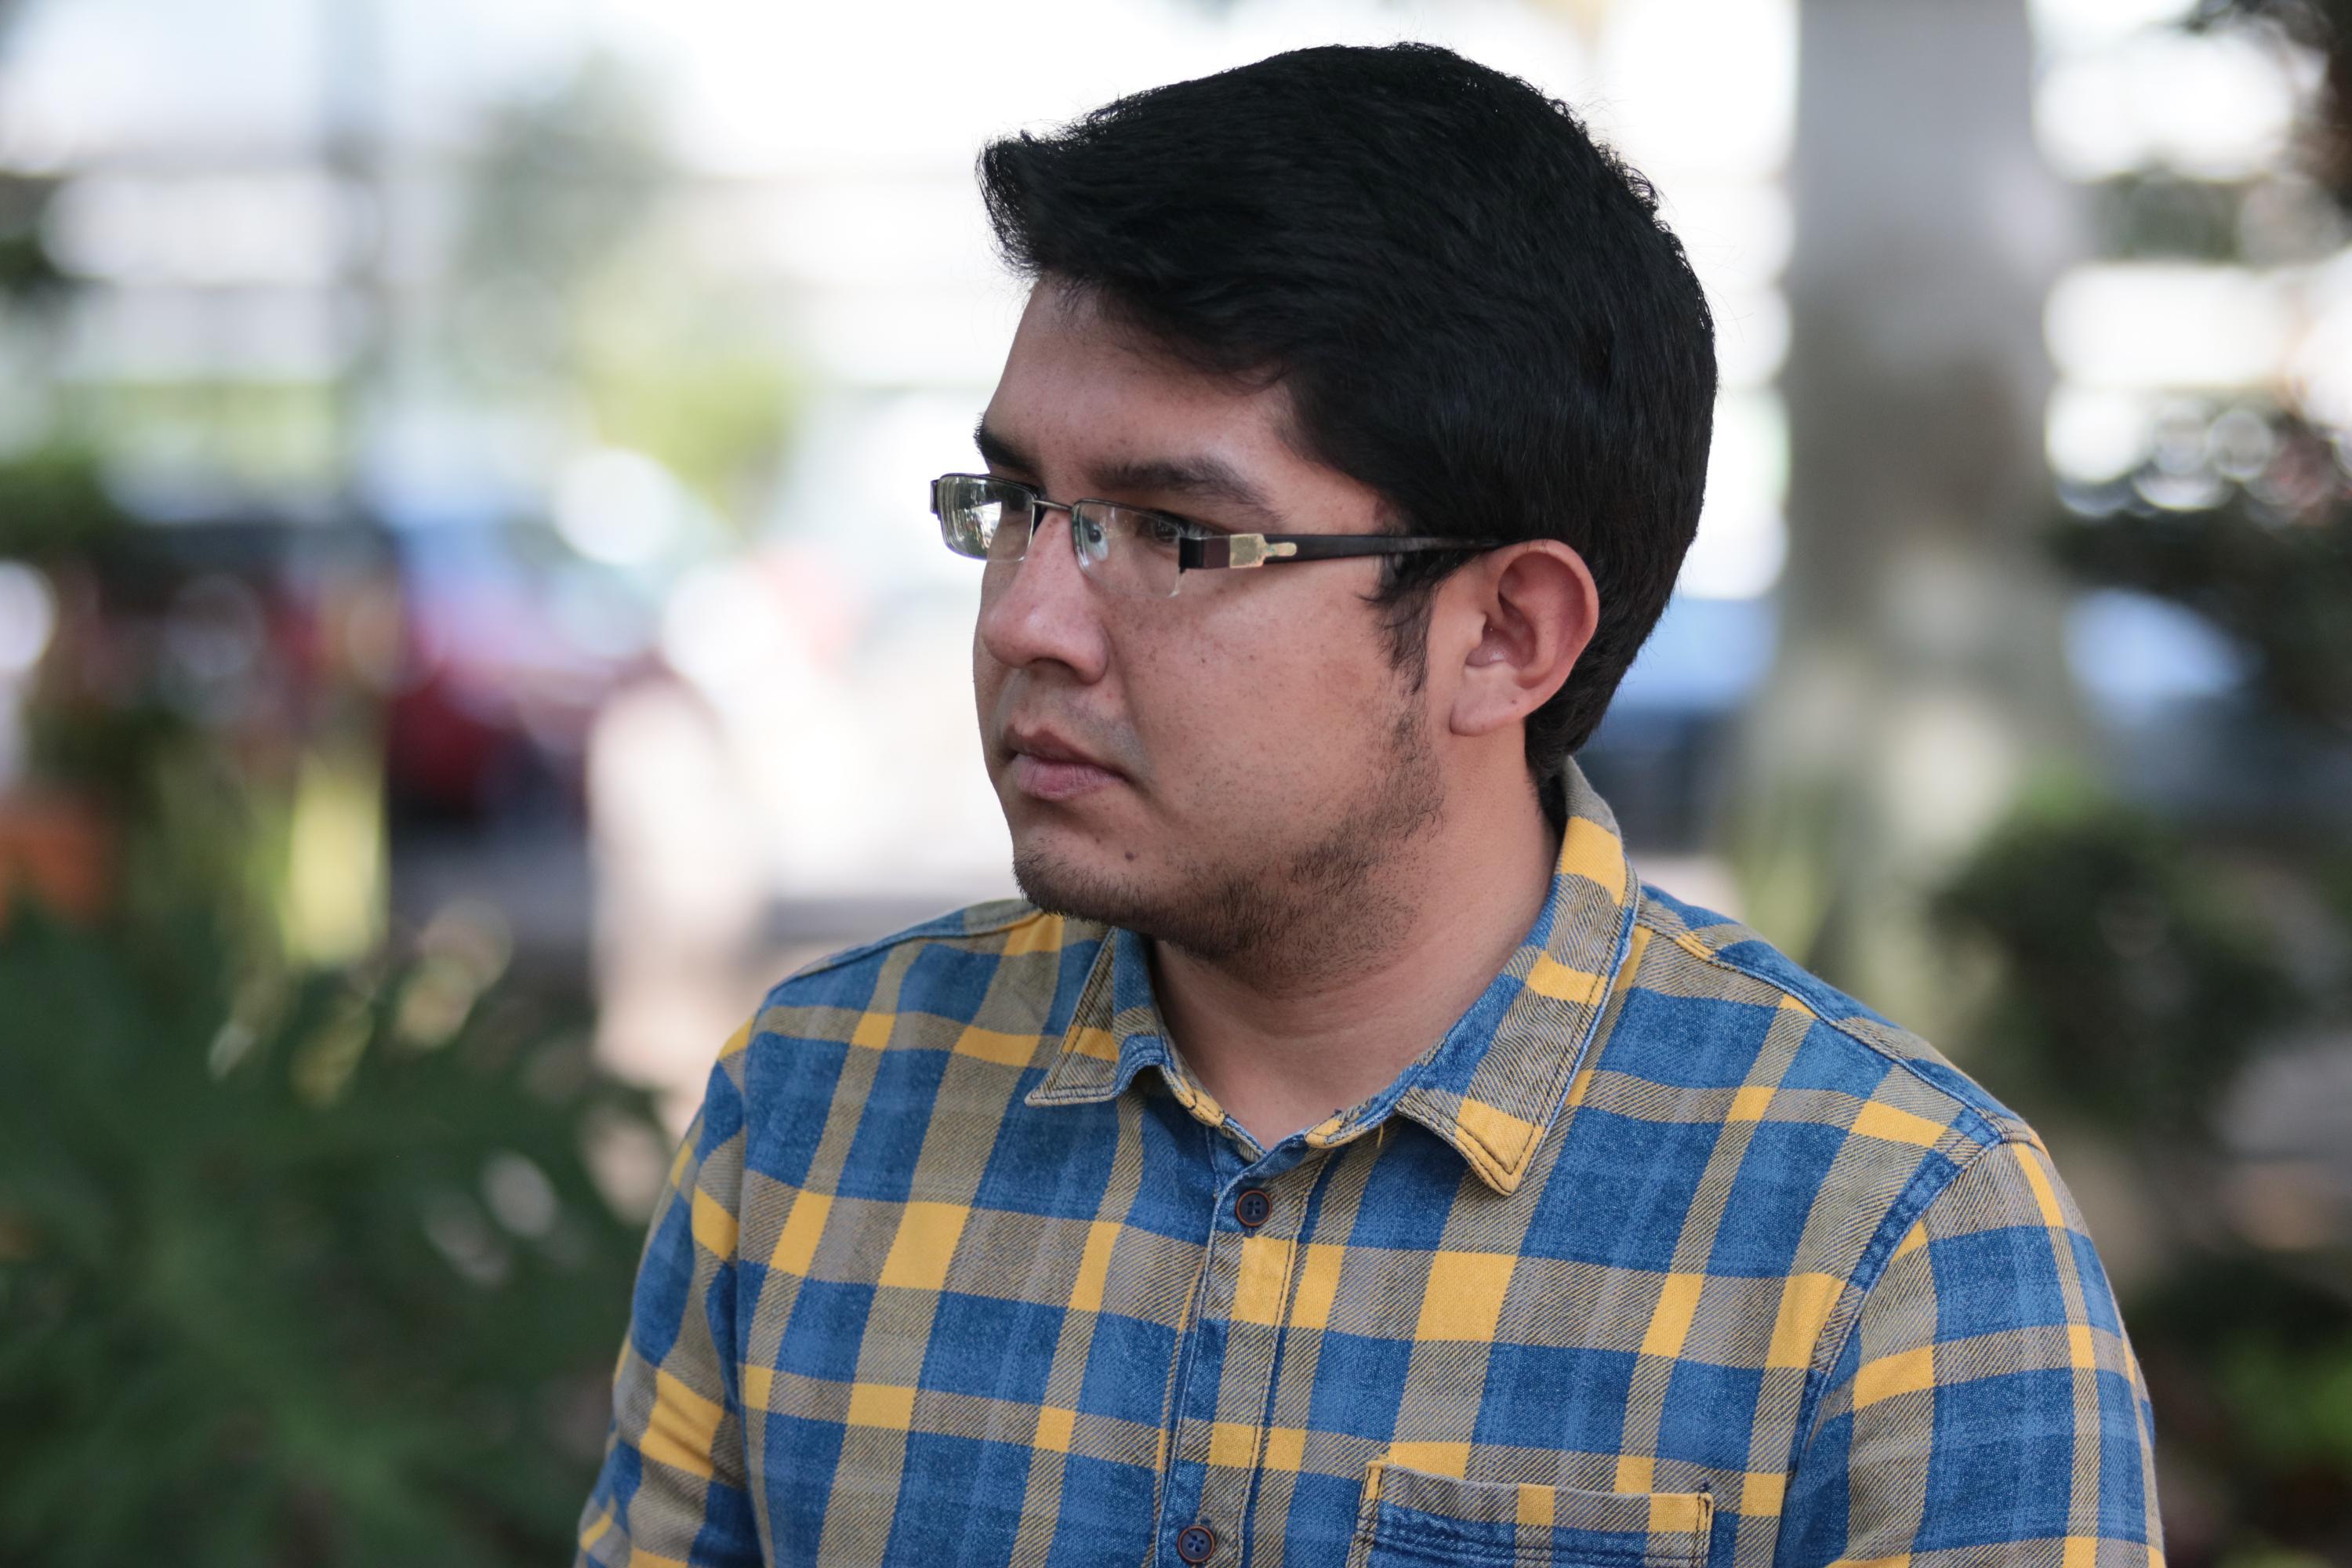 Marlon Nuño, quien es egresado de la licenciatura en Ingeniería Informática de CUCEI